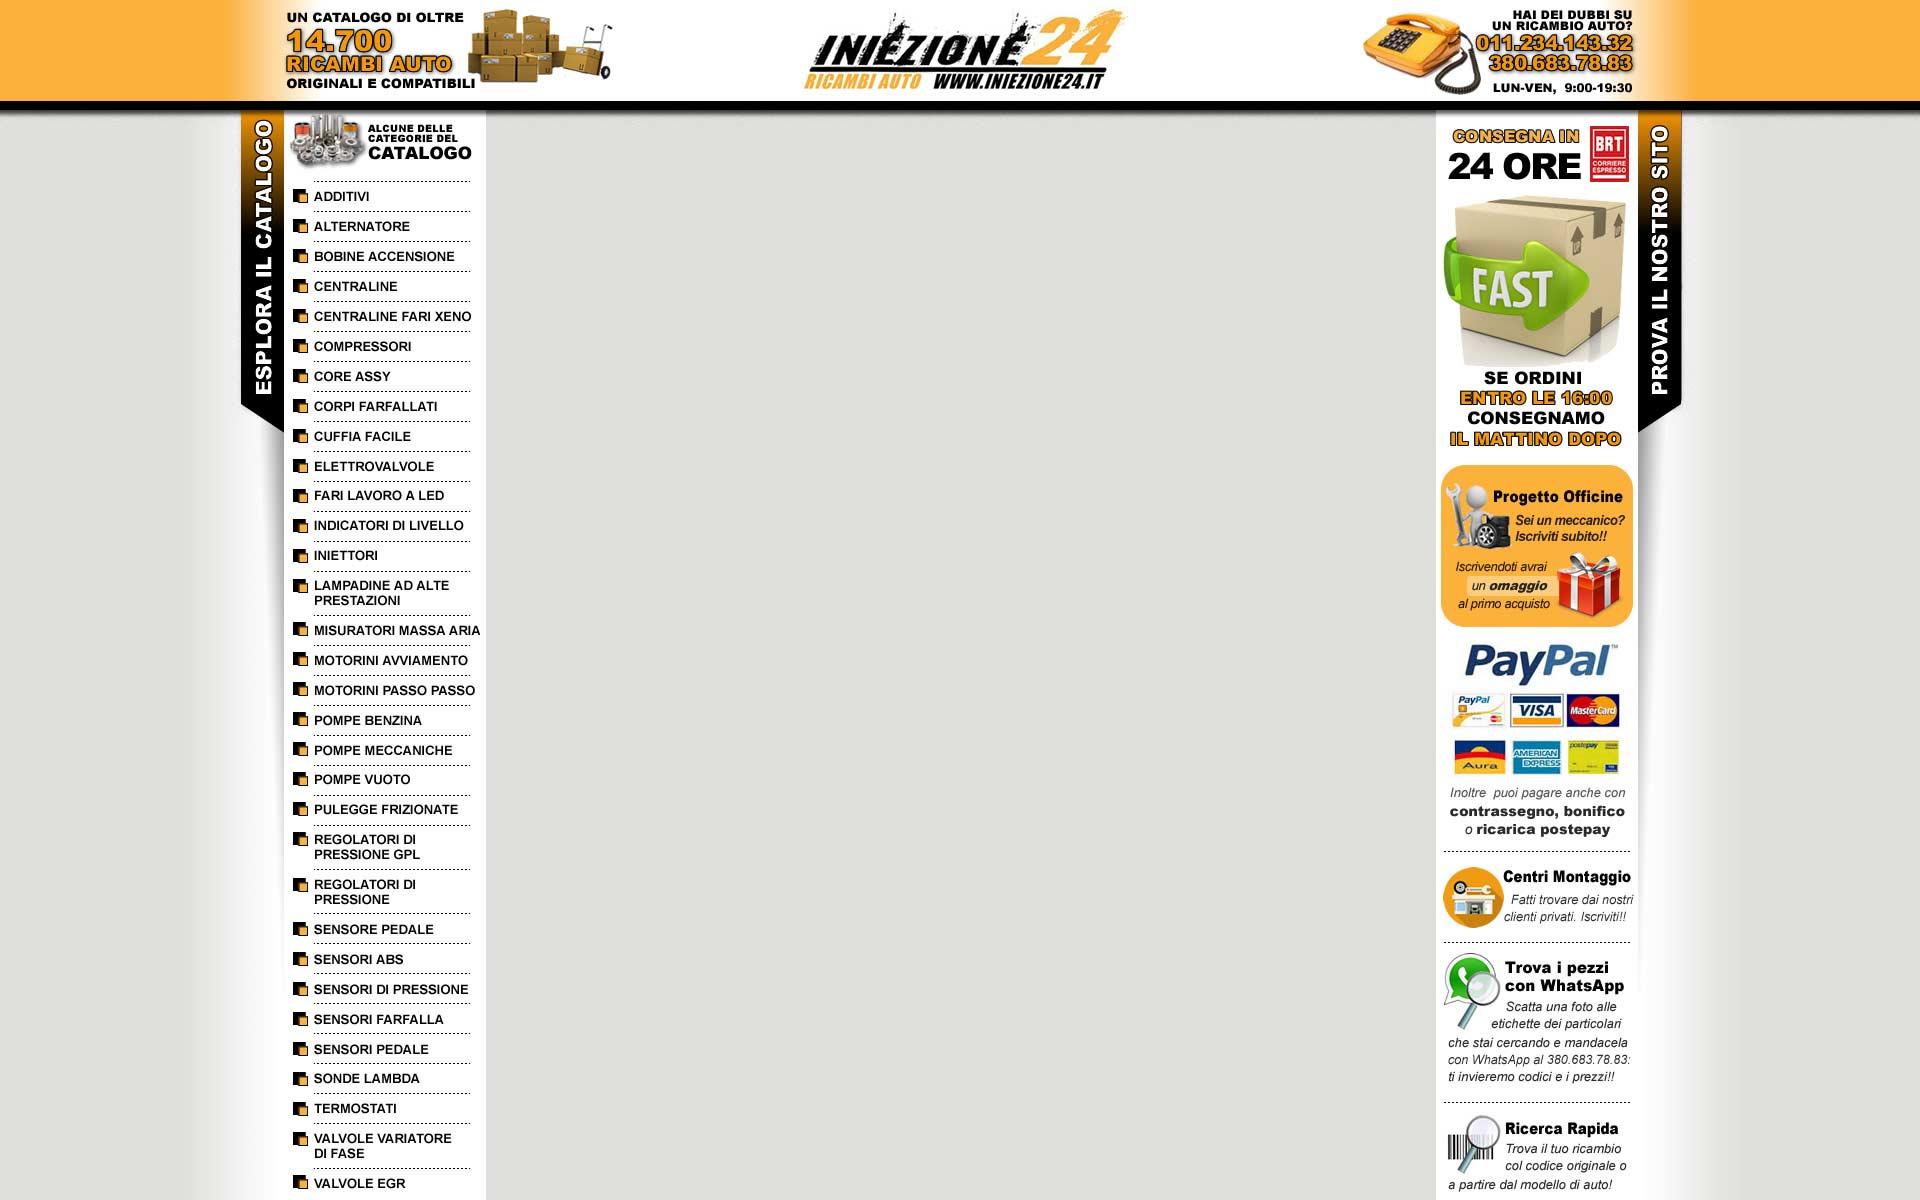 Skin Banner Iniezione24